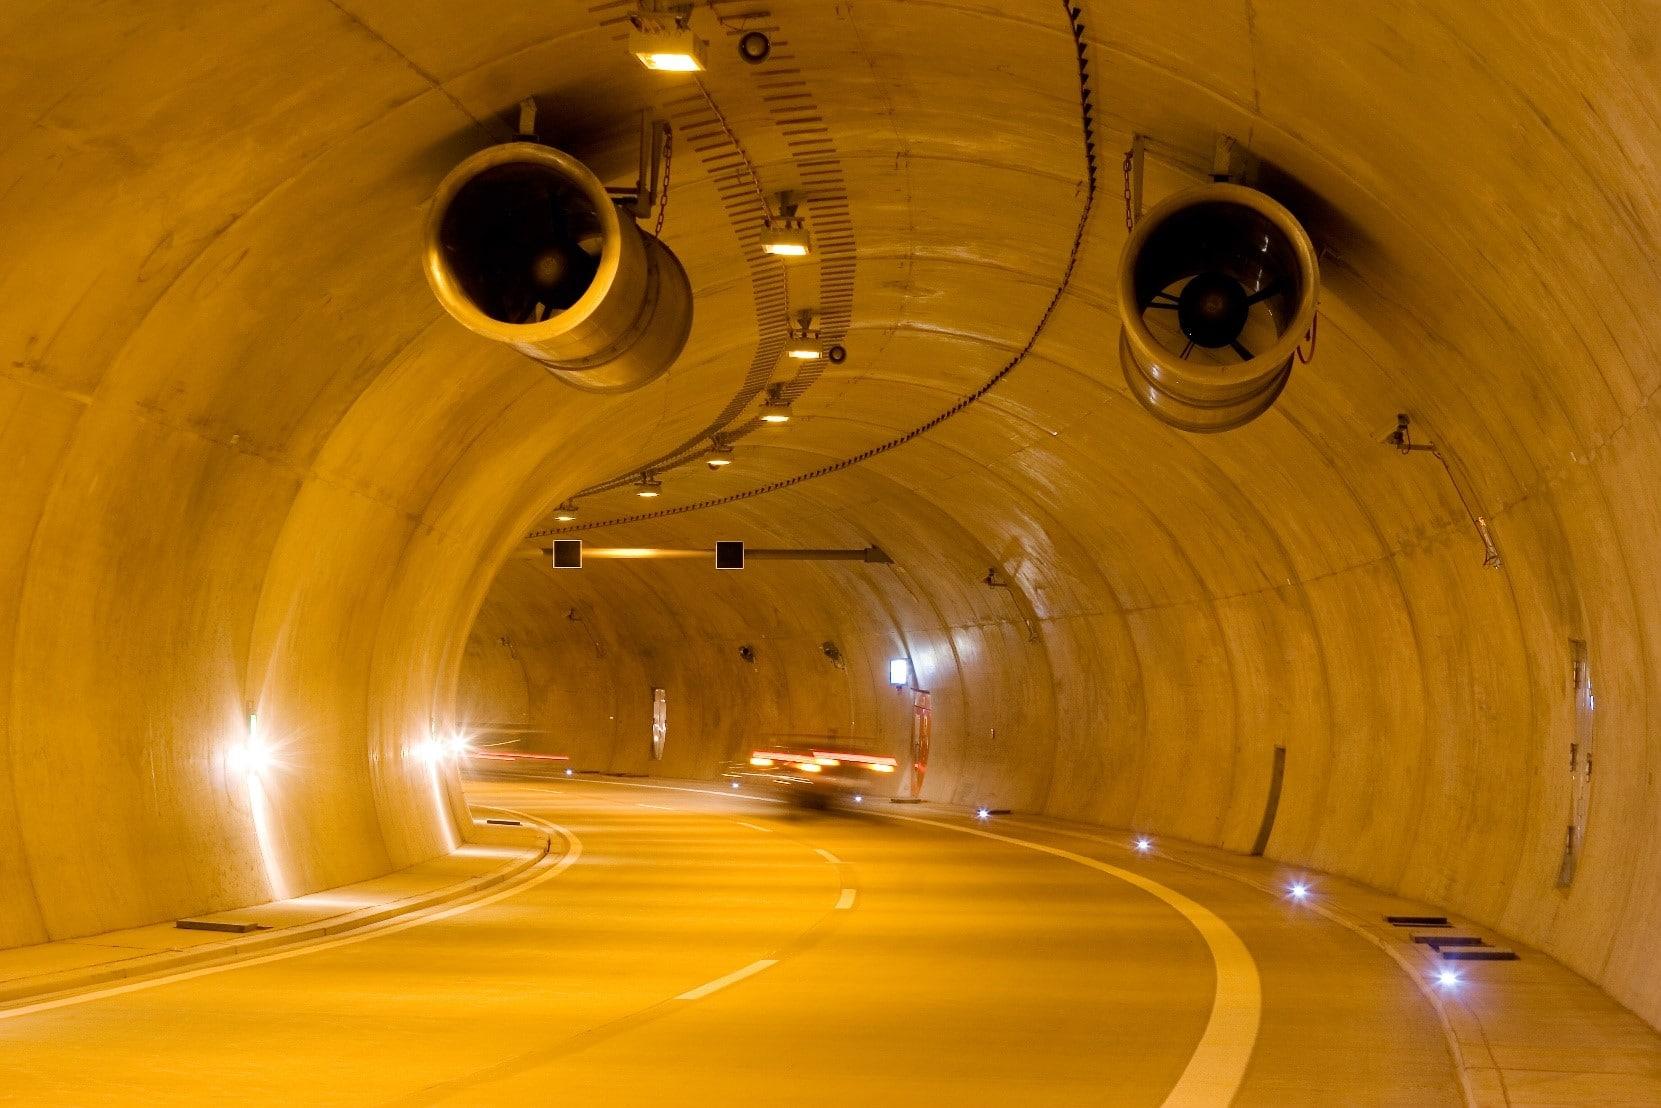 Sicherheitsausstattung im Tunnel bei Burgholz